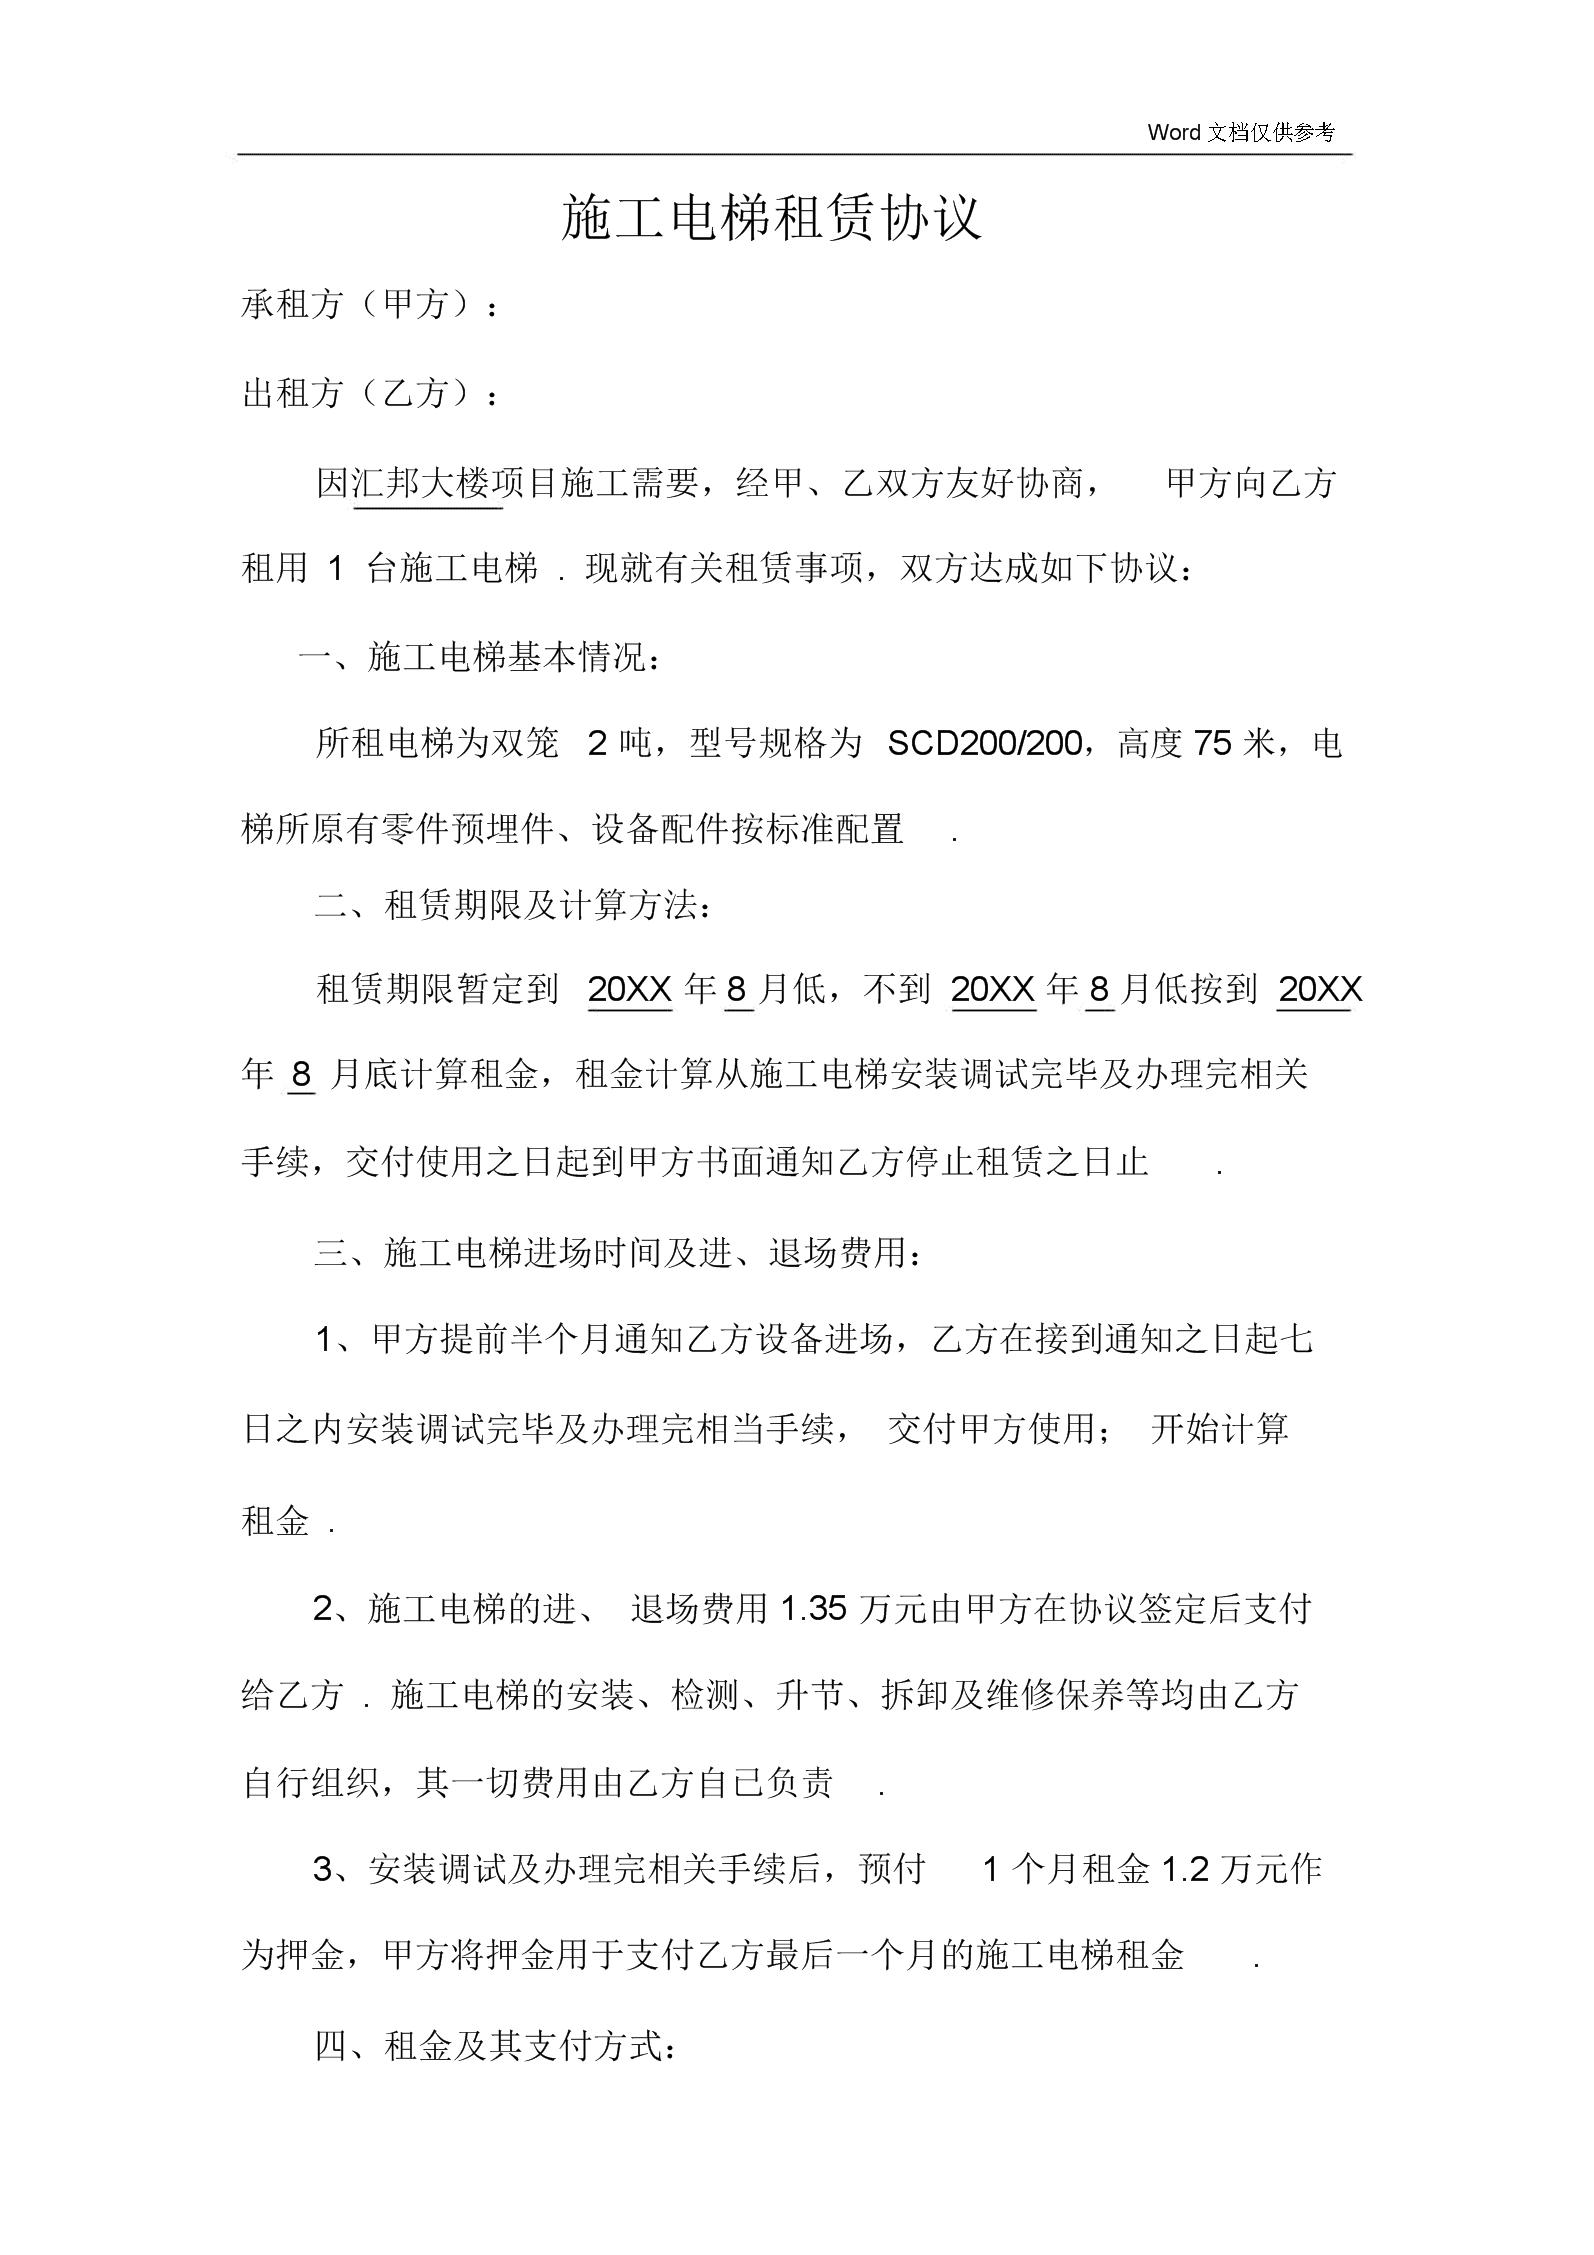 租赁合同施工电梯租赁协议.doc